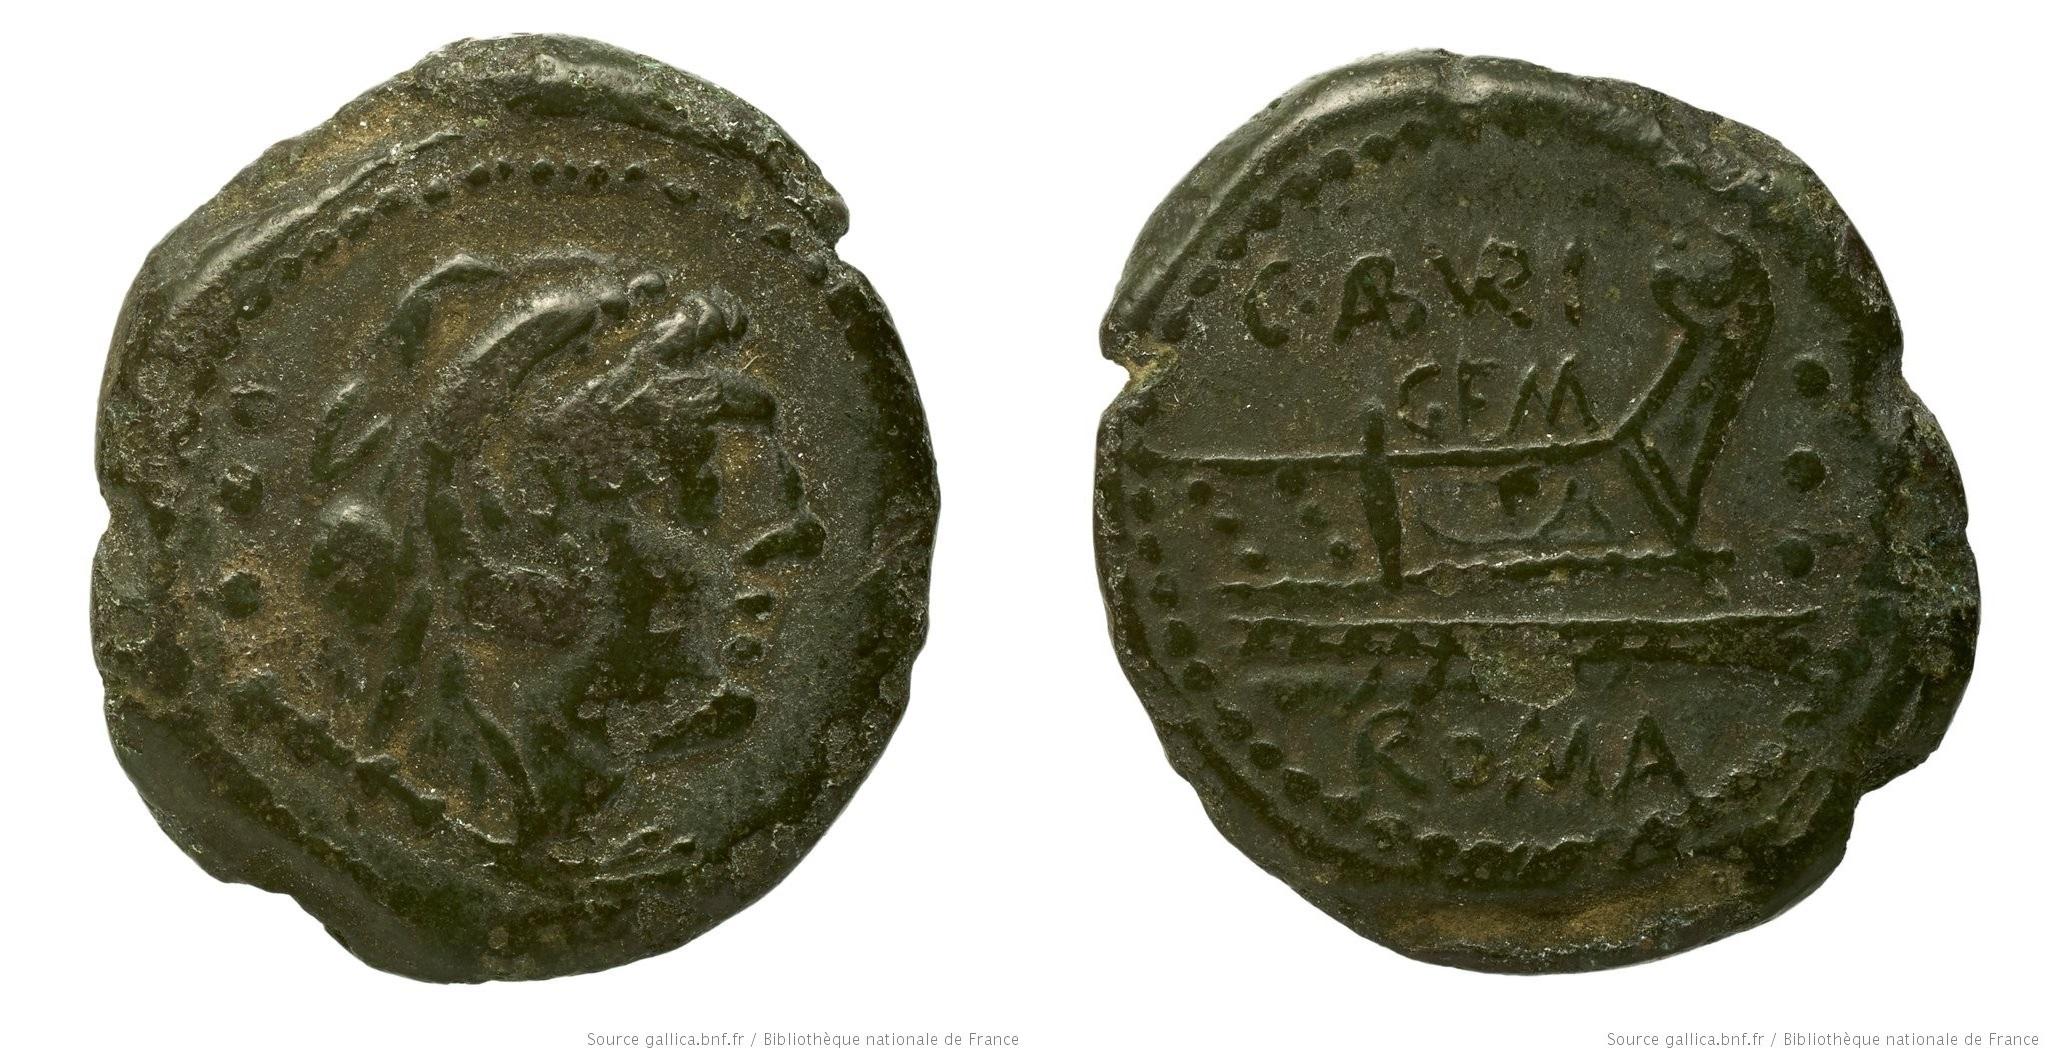 959AB – Quadrans Aburia – Caius Aburius Geminus